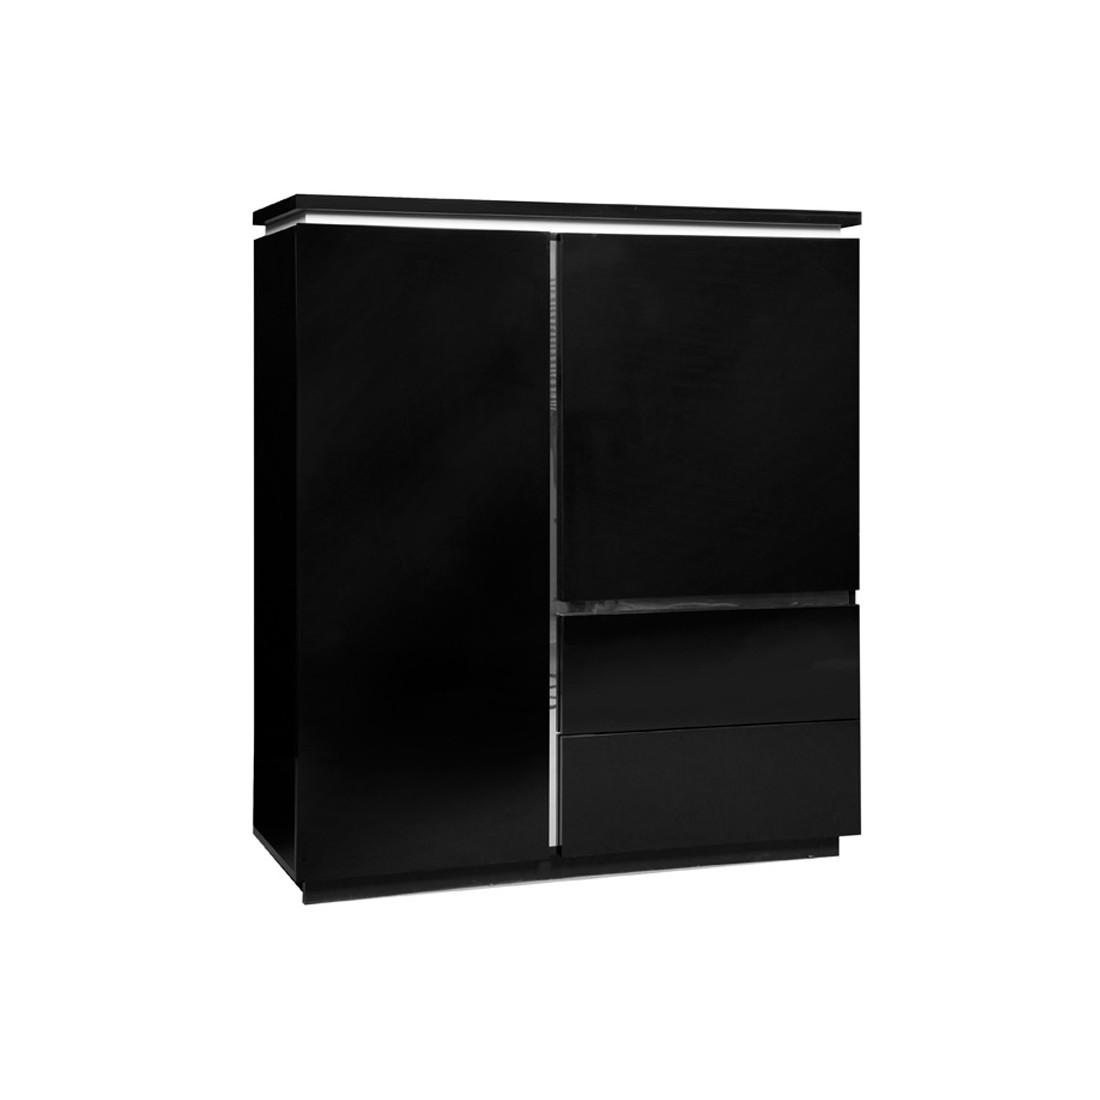 armoire de salon laque noire n 1 carmen univers salle manger. Black Bedroom Furniture Sets. Home Design Ideas